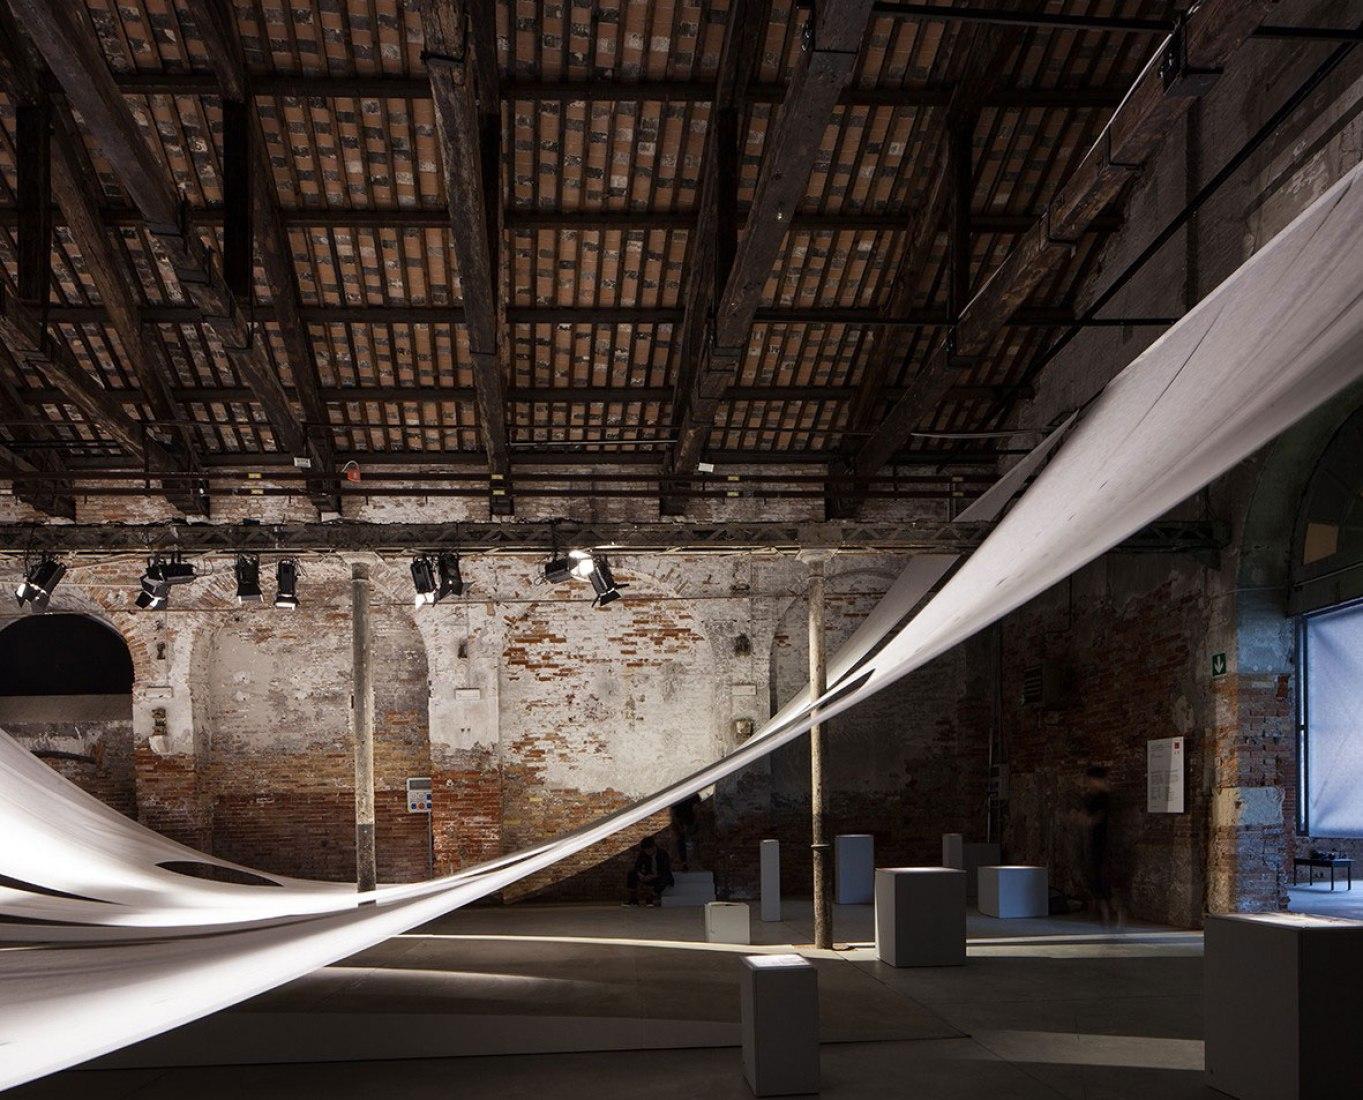 Vista interior. Pabellón de Indonesia para la Bienal de Arquitectura de Venecia. Fotografía de Francesco Galli